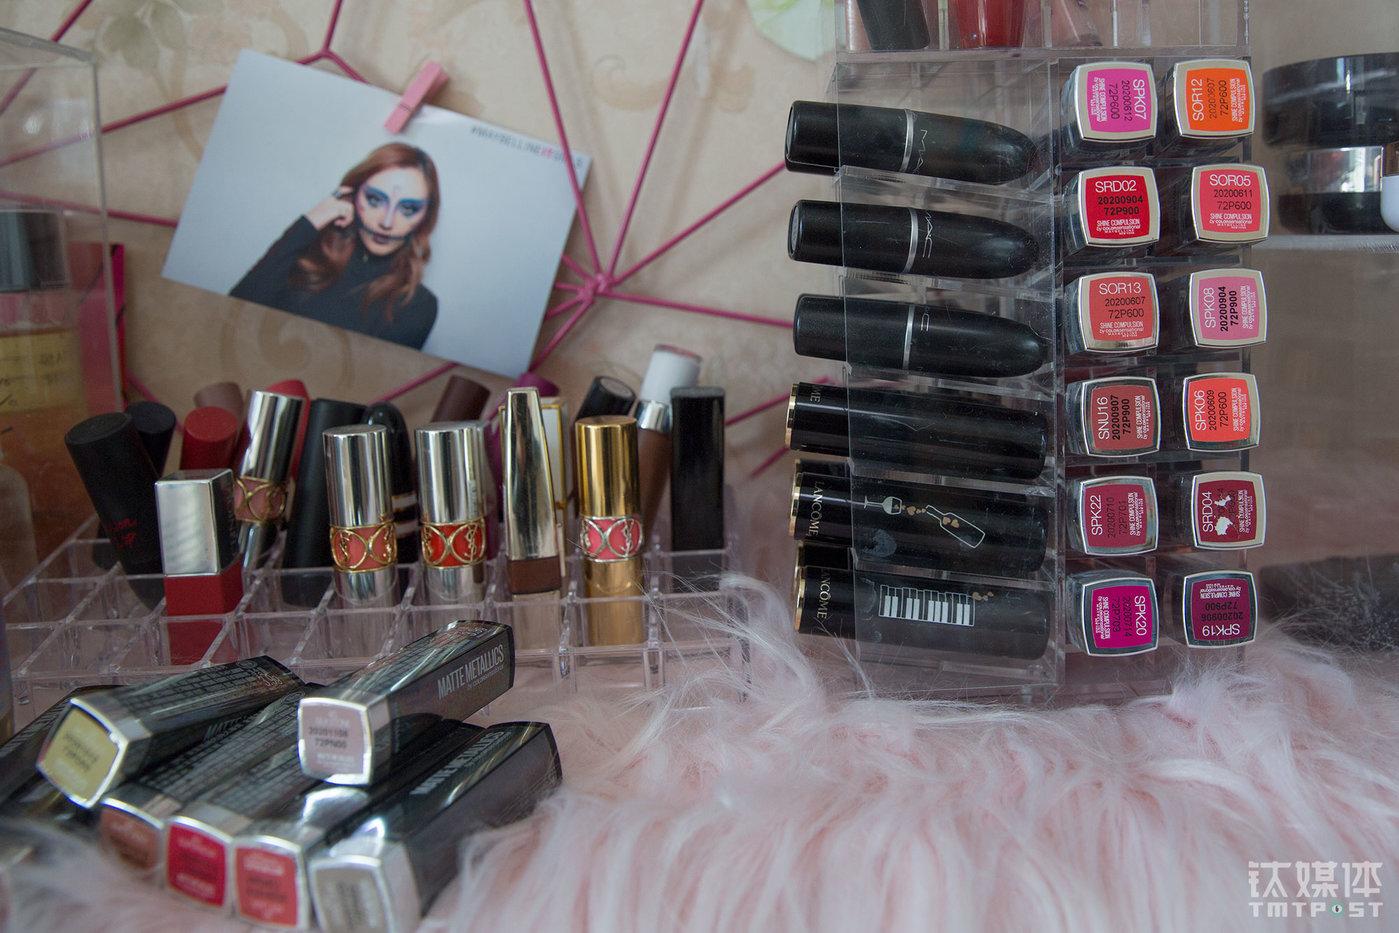 """魏莫斯房间摆满了化妆品,这些大都是美妆品牌邀请她测评的产品。""""我们就是用自己的脸替粉丝做实验。""""魏莫斯常常会把那些测评中没有使用过的化妆品送给粉丝。"""